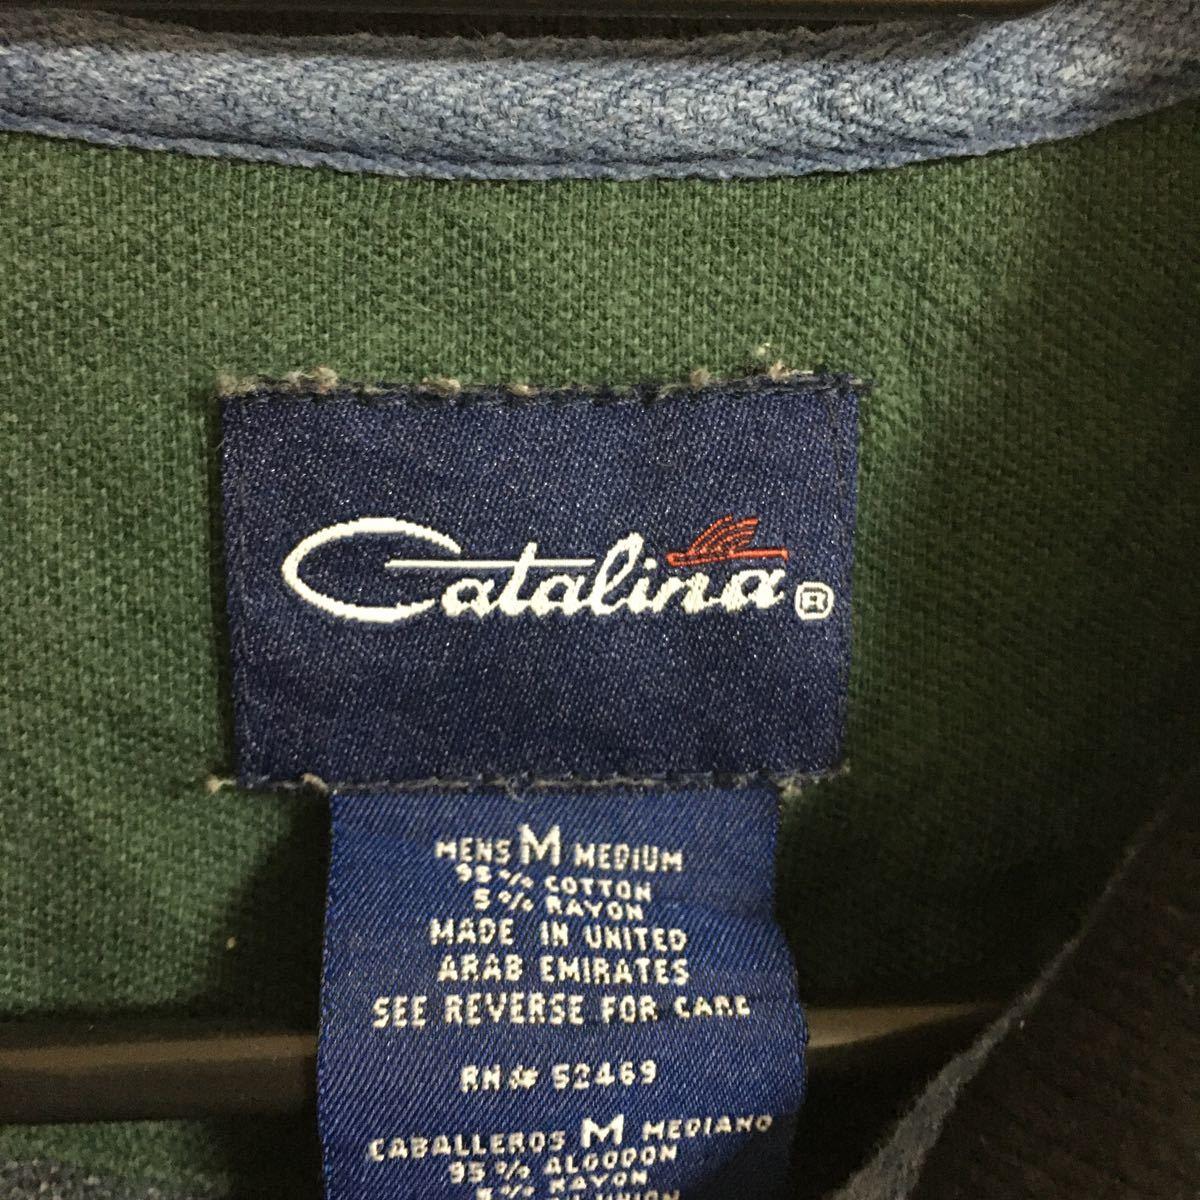 ポロシャツ カタリナ Catalina アメカジ M 長袖 長袖シャツ US古着